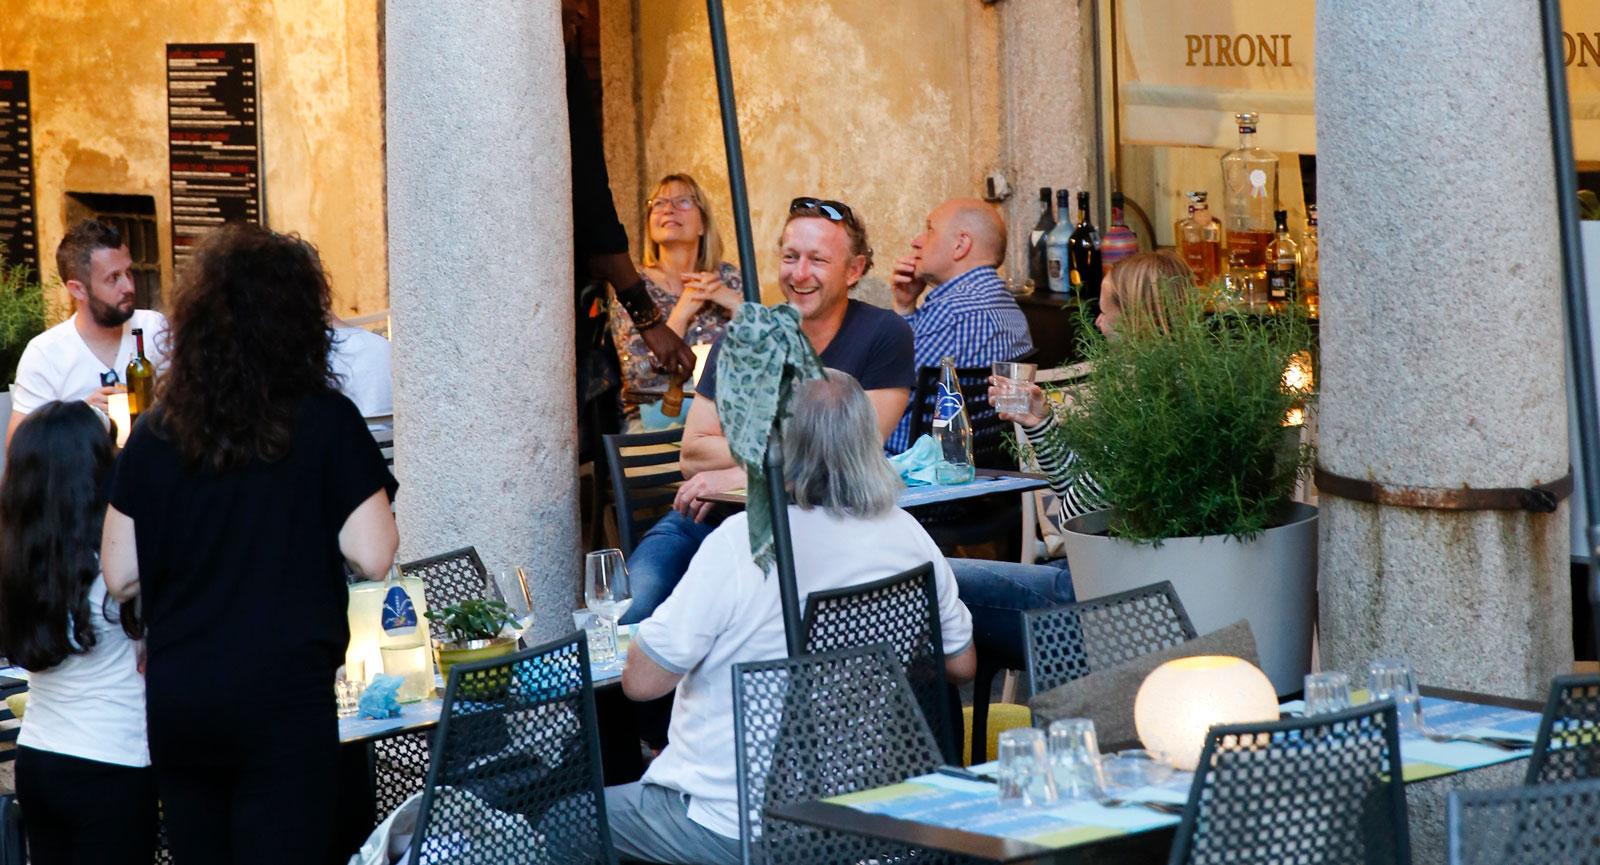 Restaurang Pironi ligger i ett gammalt fransiskanerkloster från 1400-talet. Både hotellet och restaurangen har genomgått omfattande renoveringar.